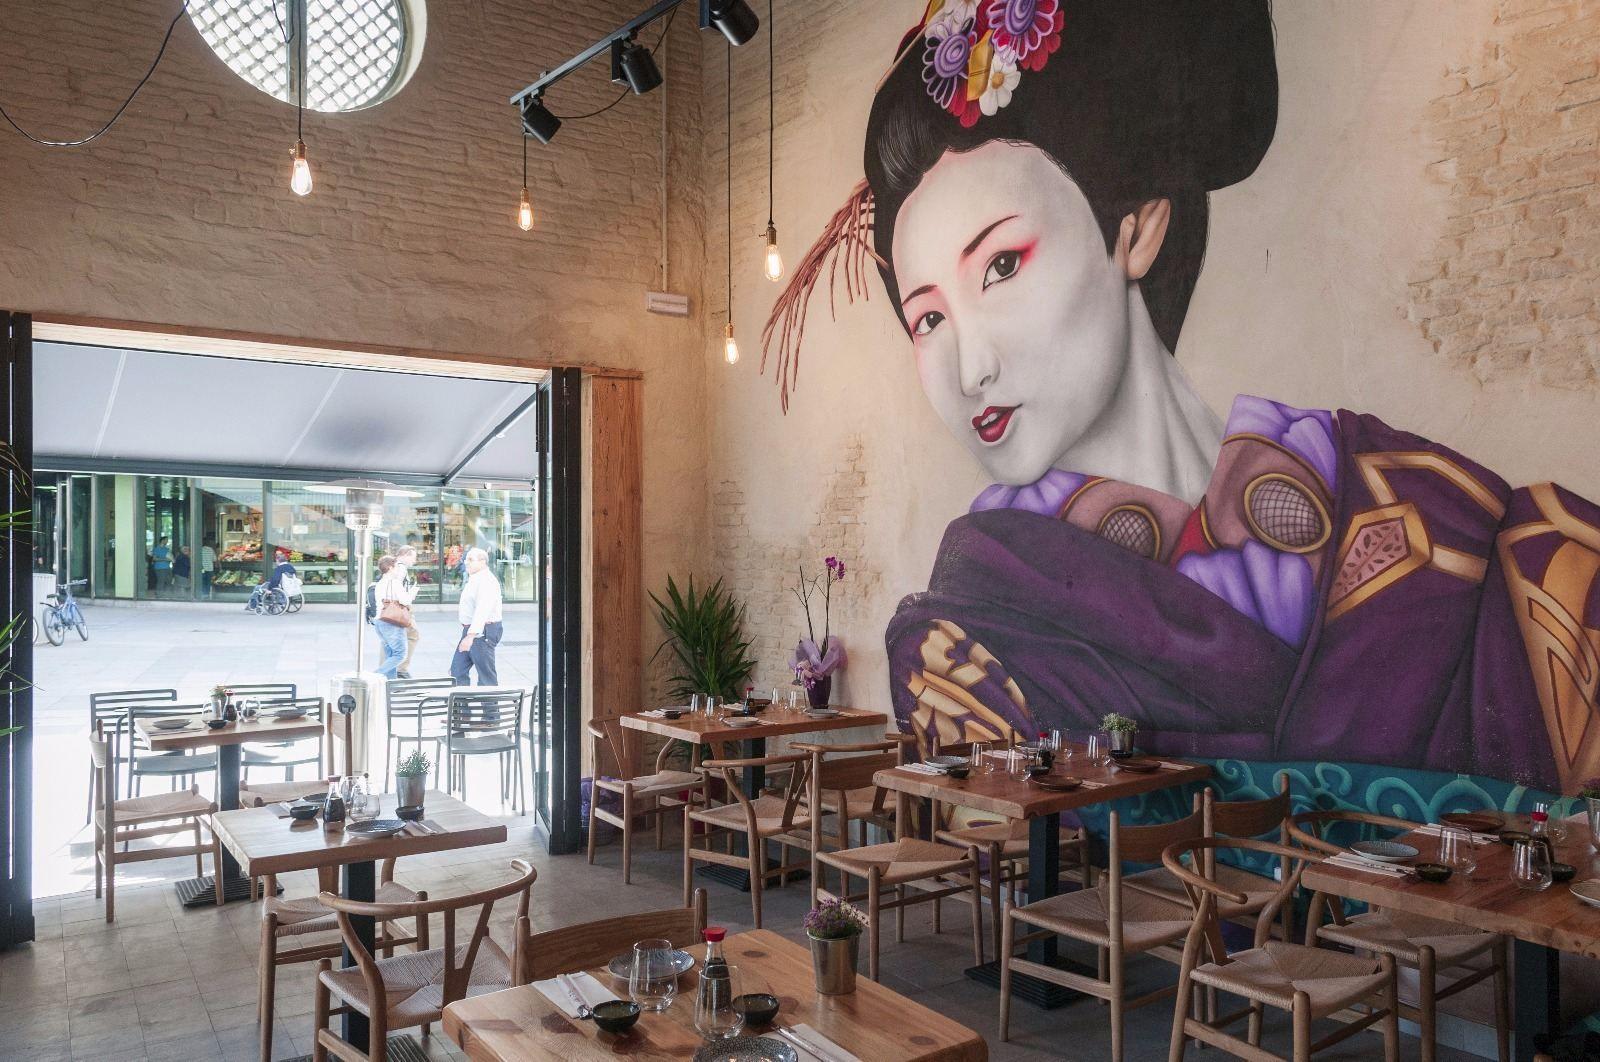 Restaurante Japones Takumi Sevilla Nhật Bản Thiết Kế Tượng